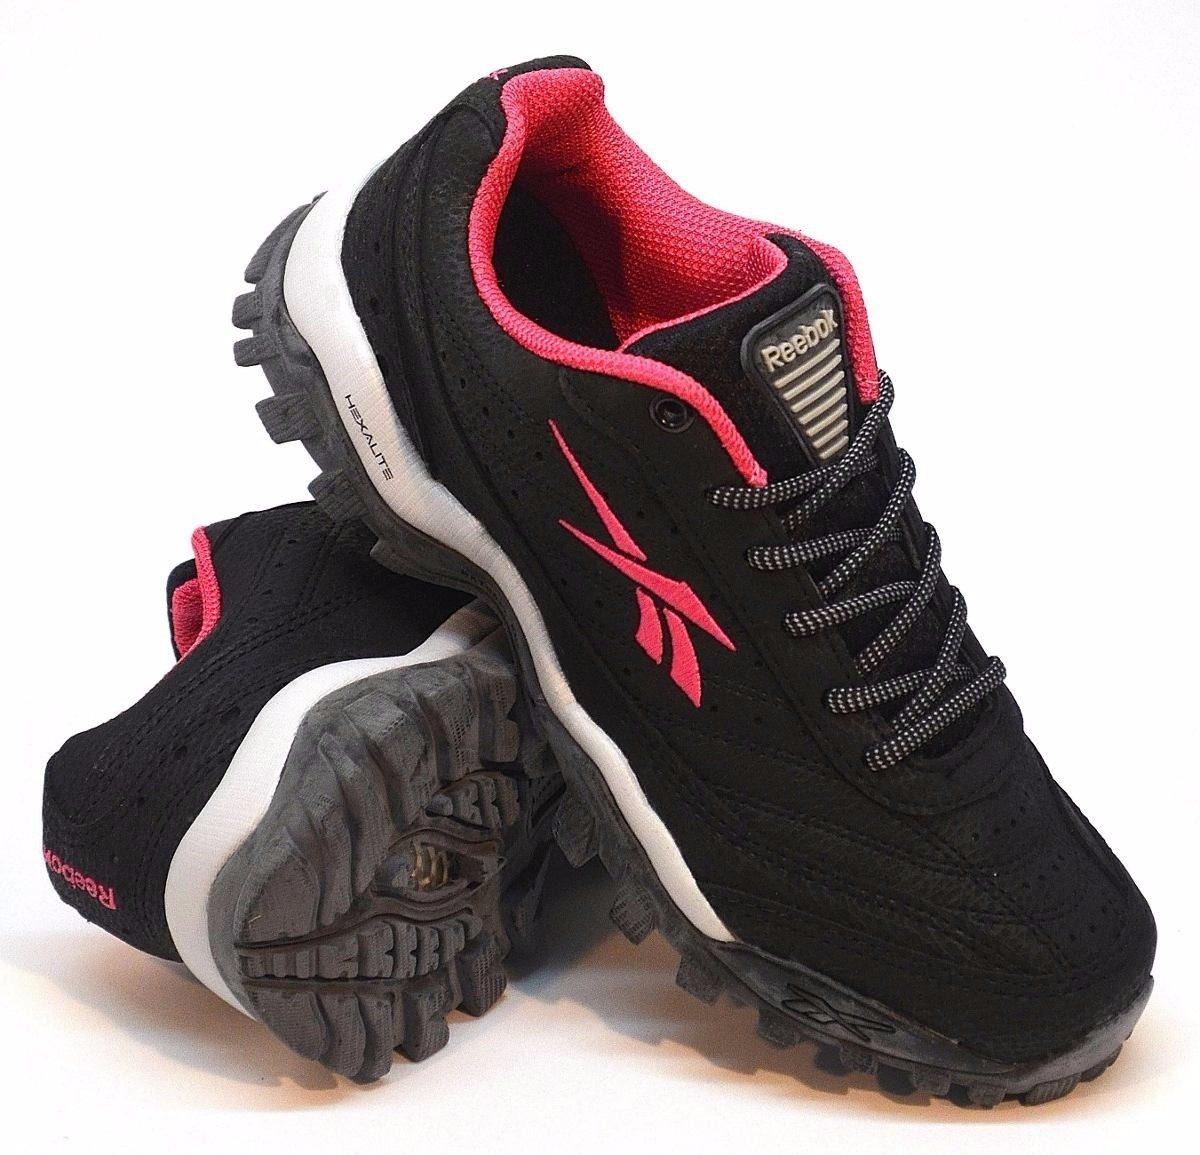 2f40e35a631d6 zapatillas reebok mujer modelos nuevos baratas   OFF38% Los ...